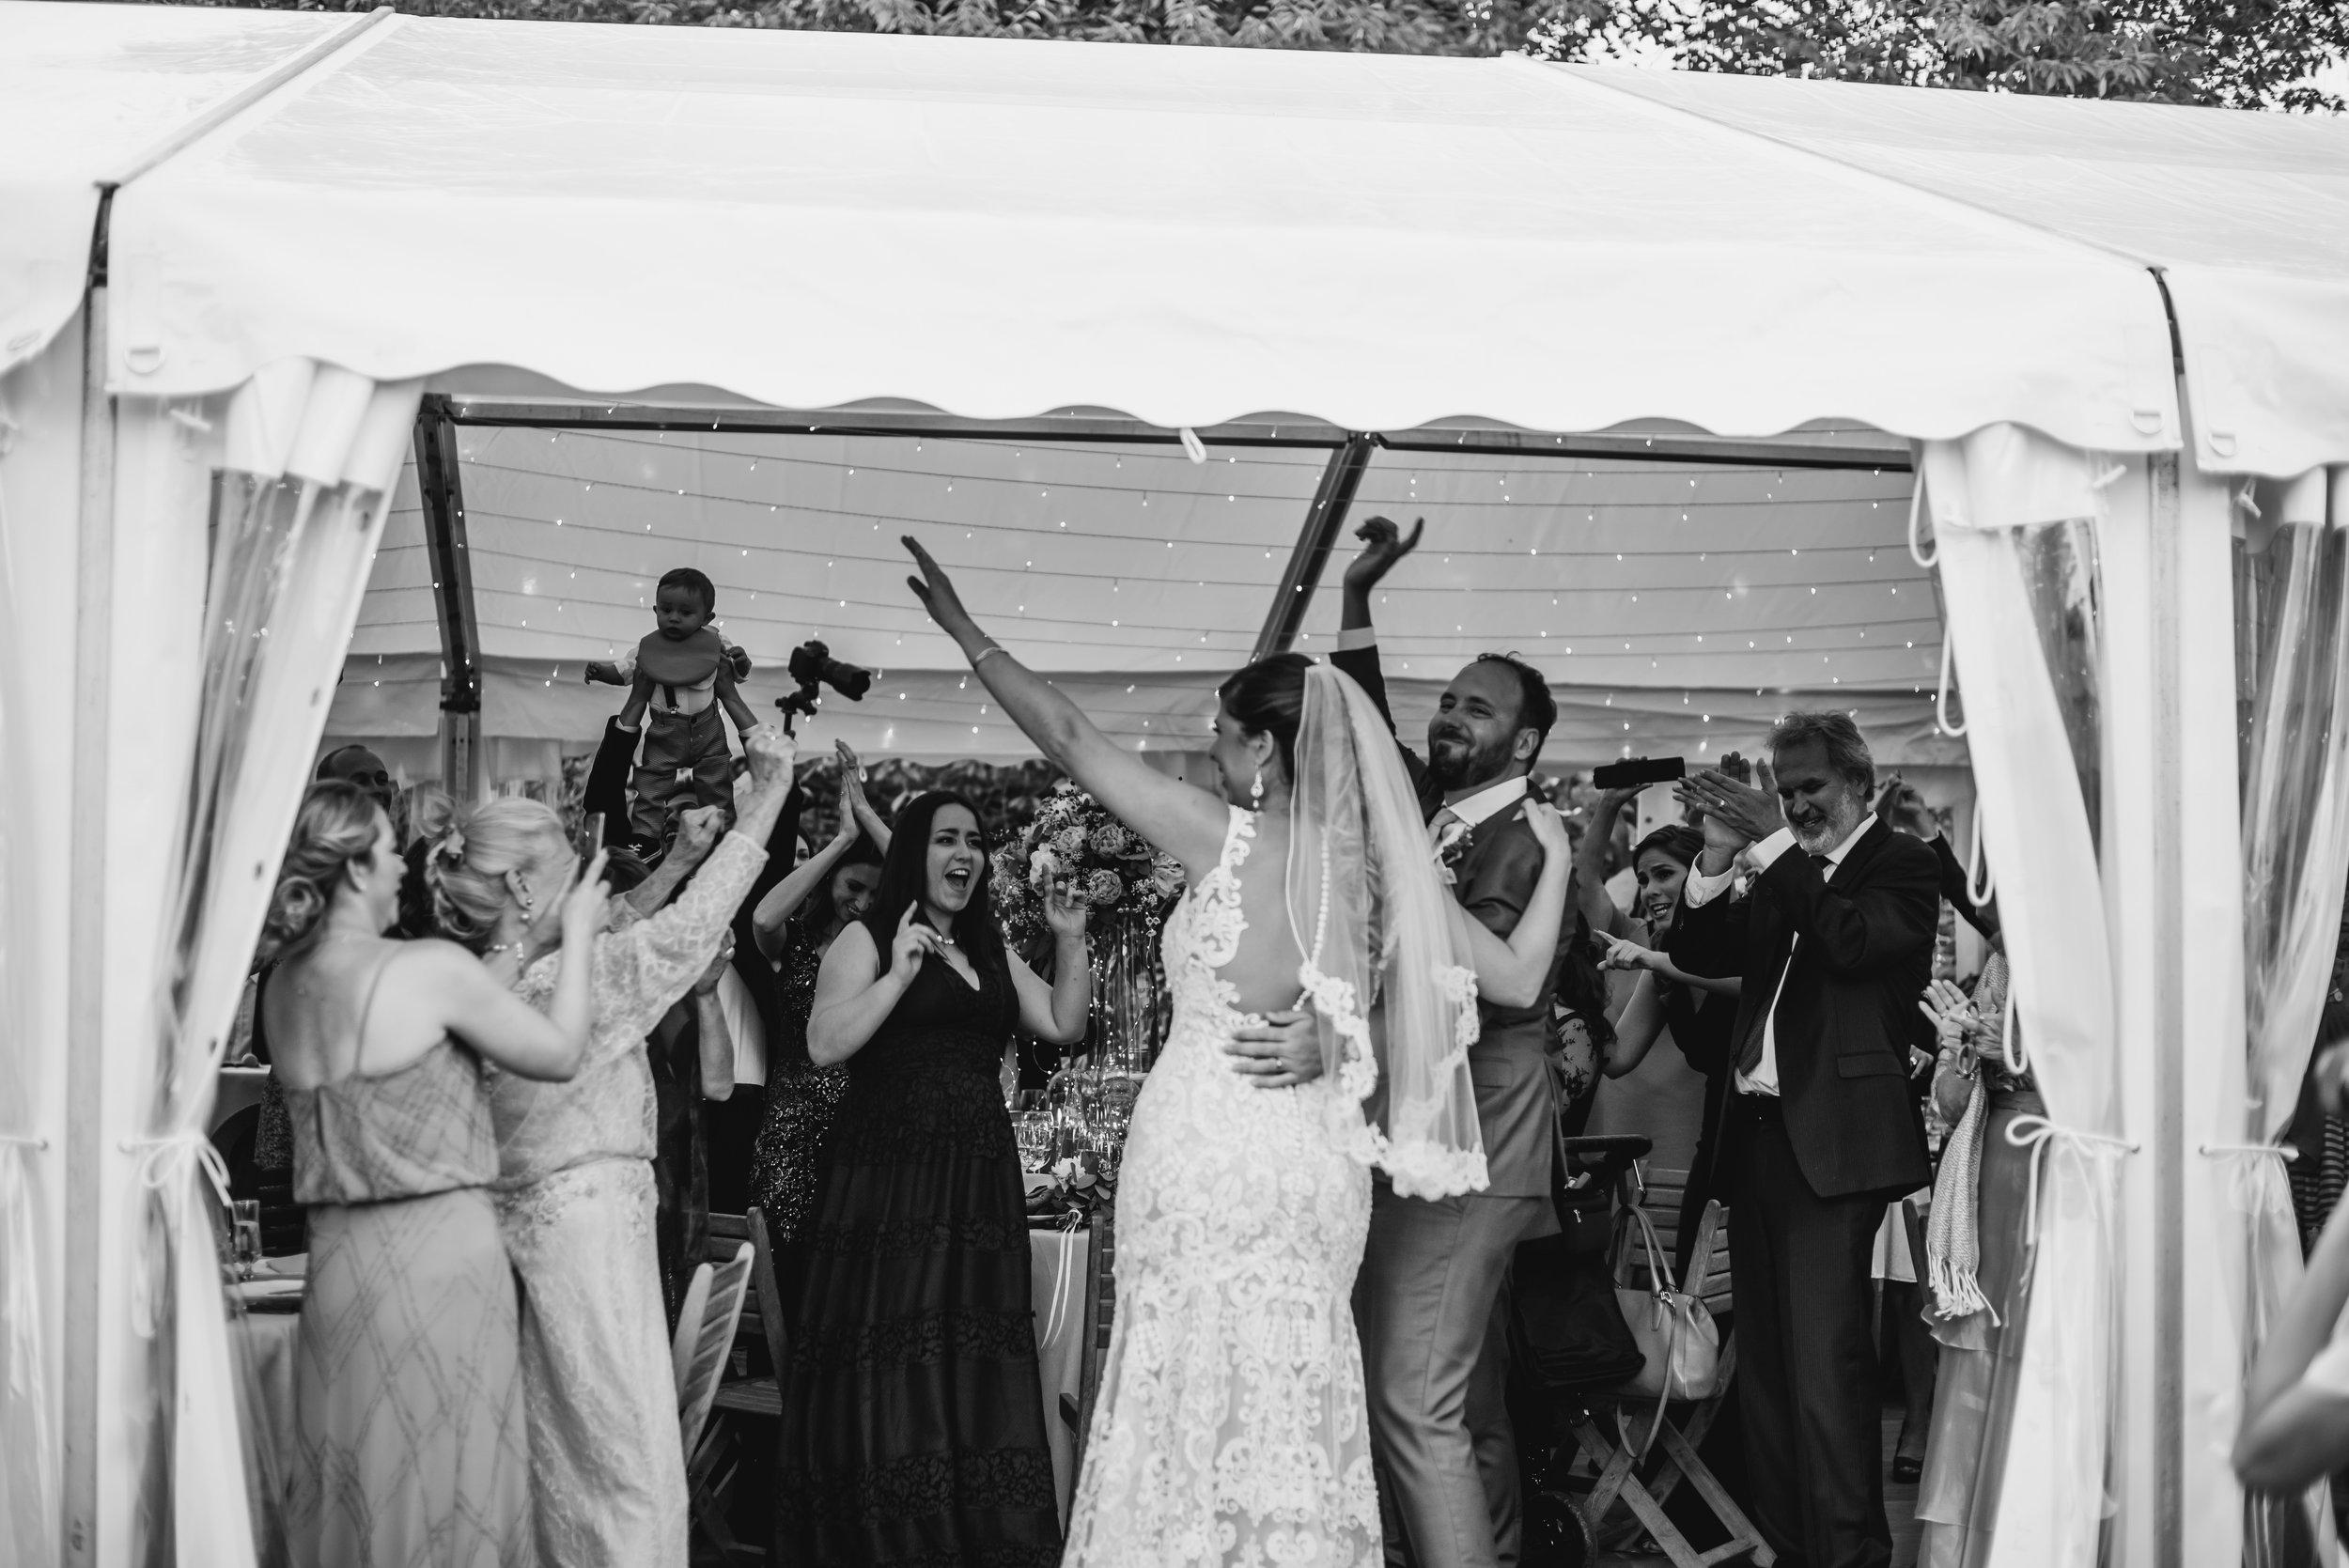 Léa-Fery-photographe-professionnel-lyon-rhone-alpes-portrait-creation-mariage-evenement-evenementiel-famille-1381.jpg